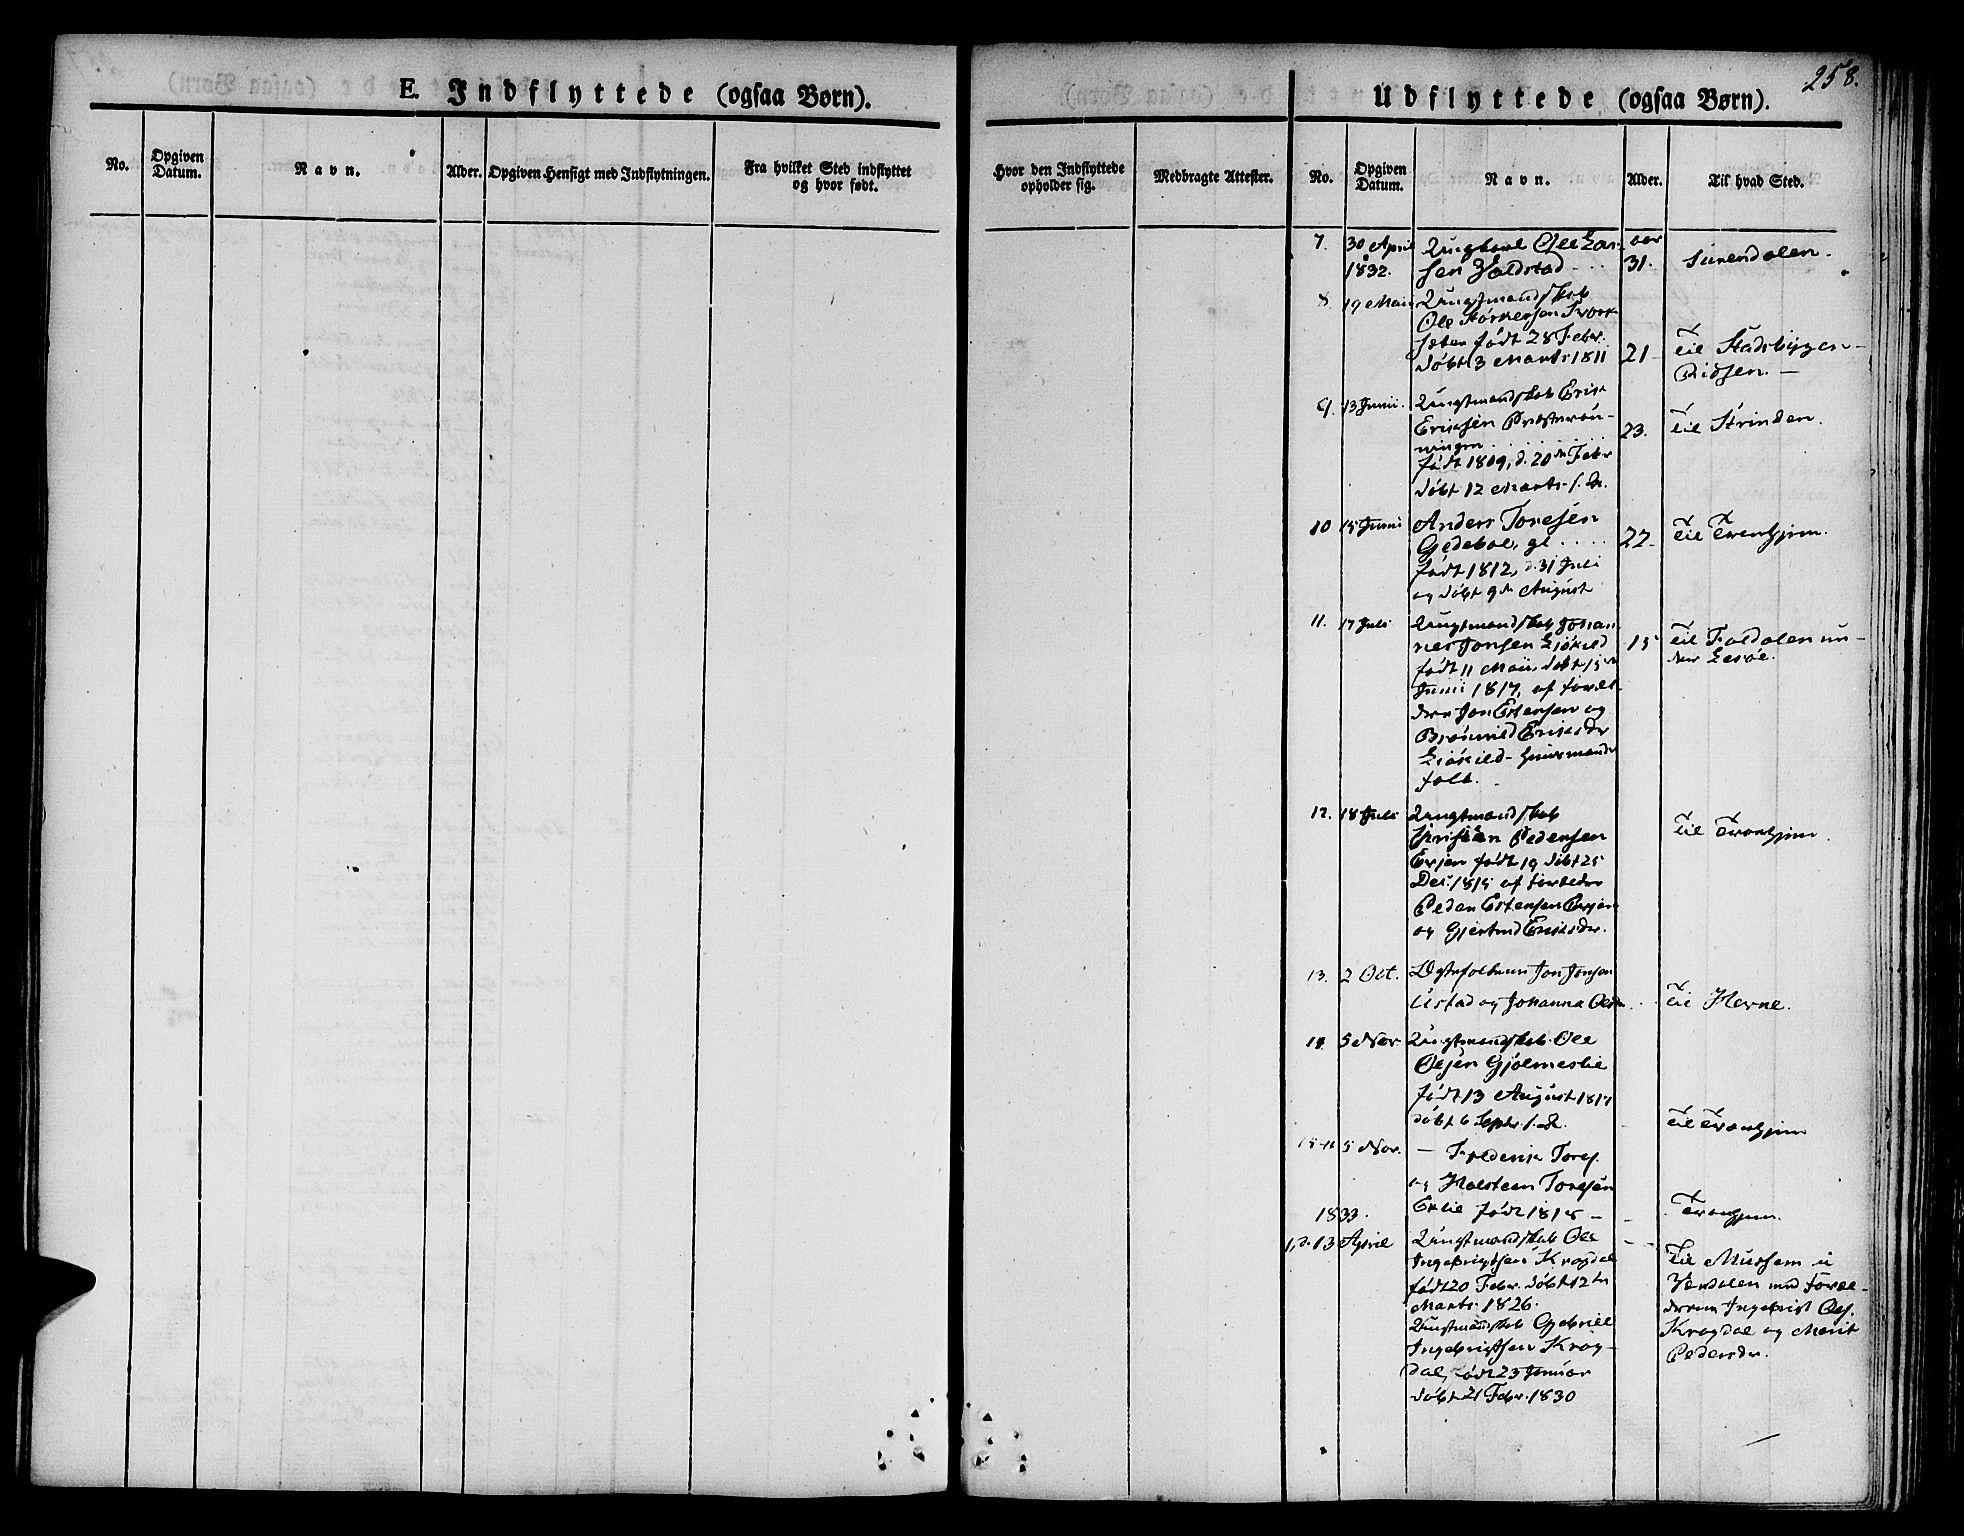 SAT, Ministerialprotokoller, klokkerbøker og fødselsregistre - Sør-Trøndelag, 668/L0804: Ministerialbok nr. 668A04, 1826-1839, s. 258